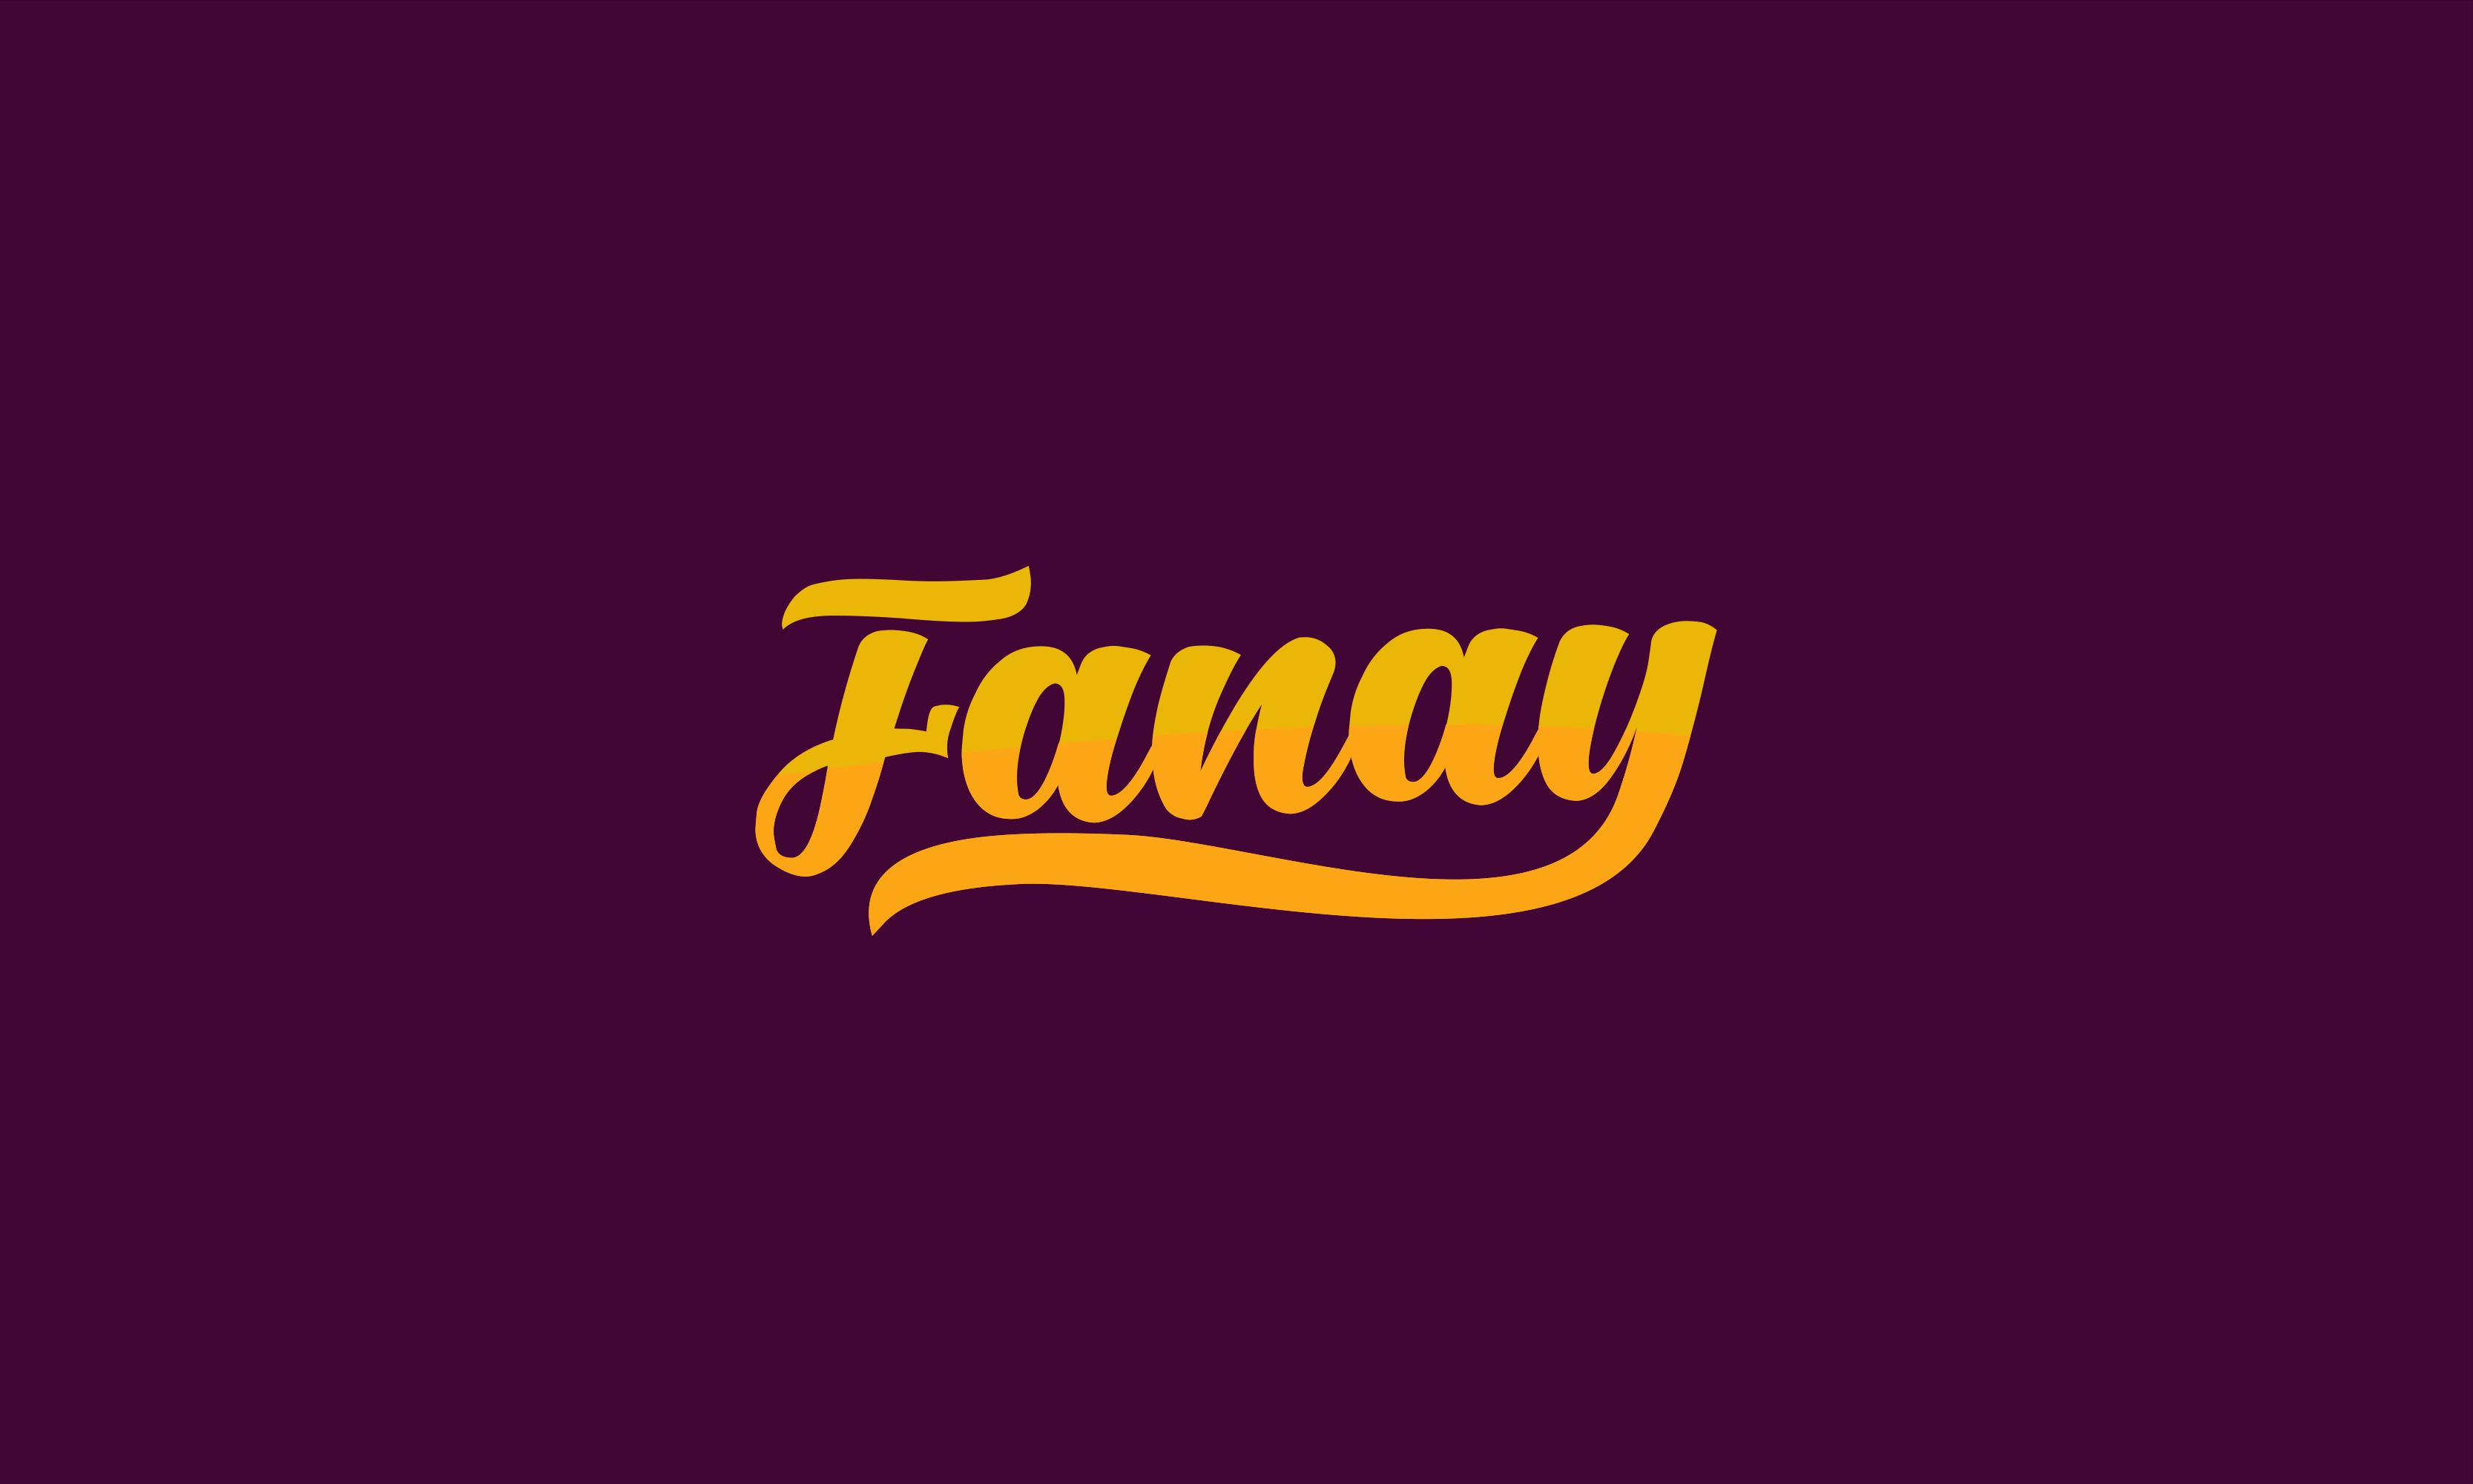 Fanay